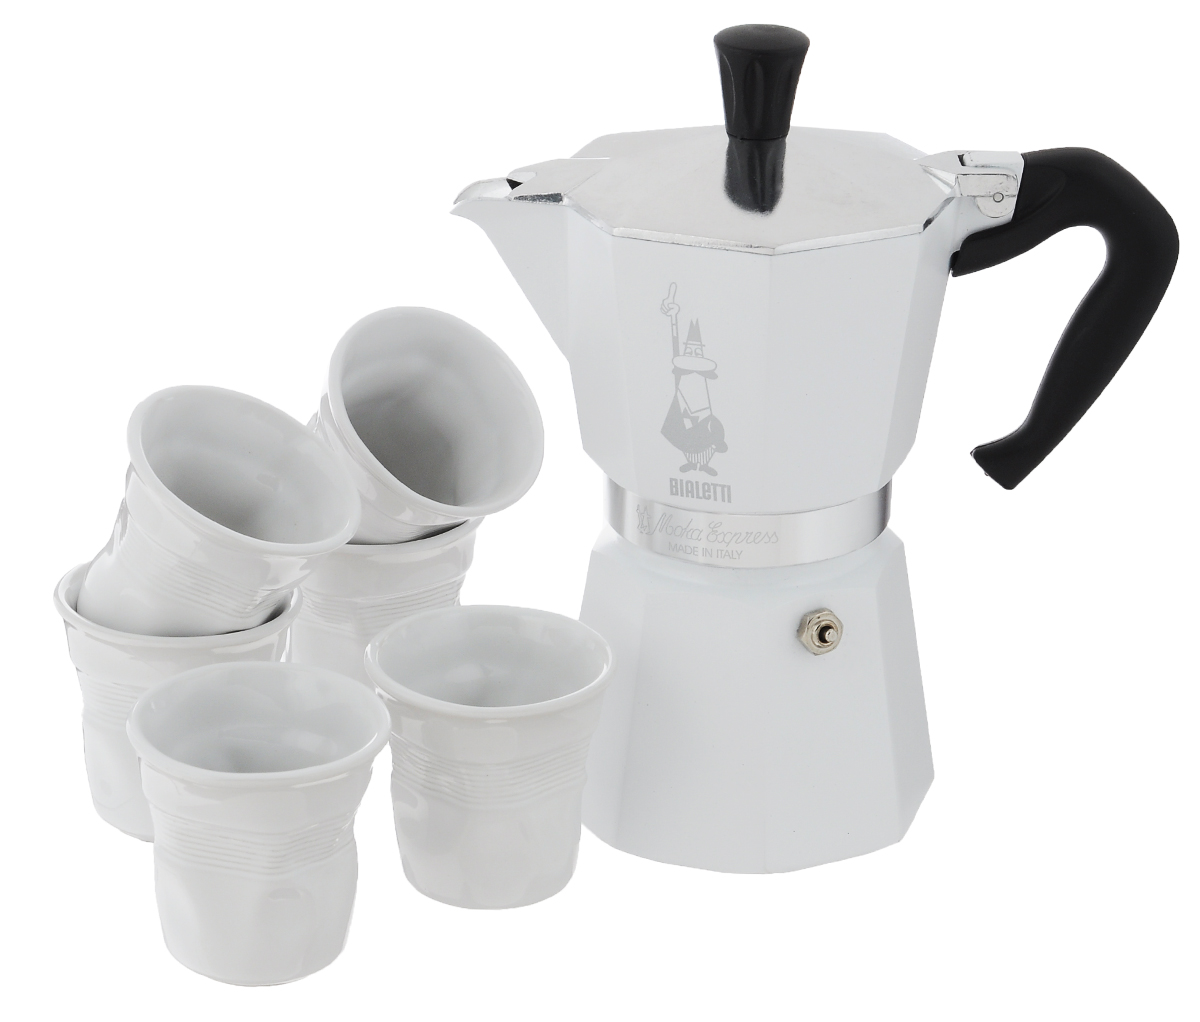 Набор посуды Bialetti Moka, цвет: белый, стальной, 7 предметов4030Набор посуды Bialetti Moka включает в себя гейзерную кофеварку и 6 чашек для кофе.Компактная гейзерная кофеварка изготовлена из высококачественного алюминия. Изделие оснащено удобной ручкой из пластика. Кофейные чашки выполнены из высококачественной керамики.Принцип работы такой гейзерной кофеварки - кофе заваривается путем многократного прохождения горячей воды или пара через слой молотого кофе. Удобство кофеварки в том, что вся кофейная гуща остается во внутренней емкости. Гейзерные кофеварки пользуются большой популярностью благодаря изысканному аромату. Кофе получается крепкий и насыщенный. Теперь и дома вы сможете насладиться великолепным эспрессо. Подходит для газовых, электрических и стеклокерамических плит. Нельзя мыть в посудомоечной машине. Высота кофеварки: 22 см.Диаметр дна кофеварки: 10 см.Диаметр чашек по верхнему краю: 6,5 см.Диаметр дна чашек: 3,7 см.Высота чашек: 6,4 см.